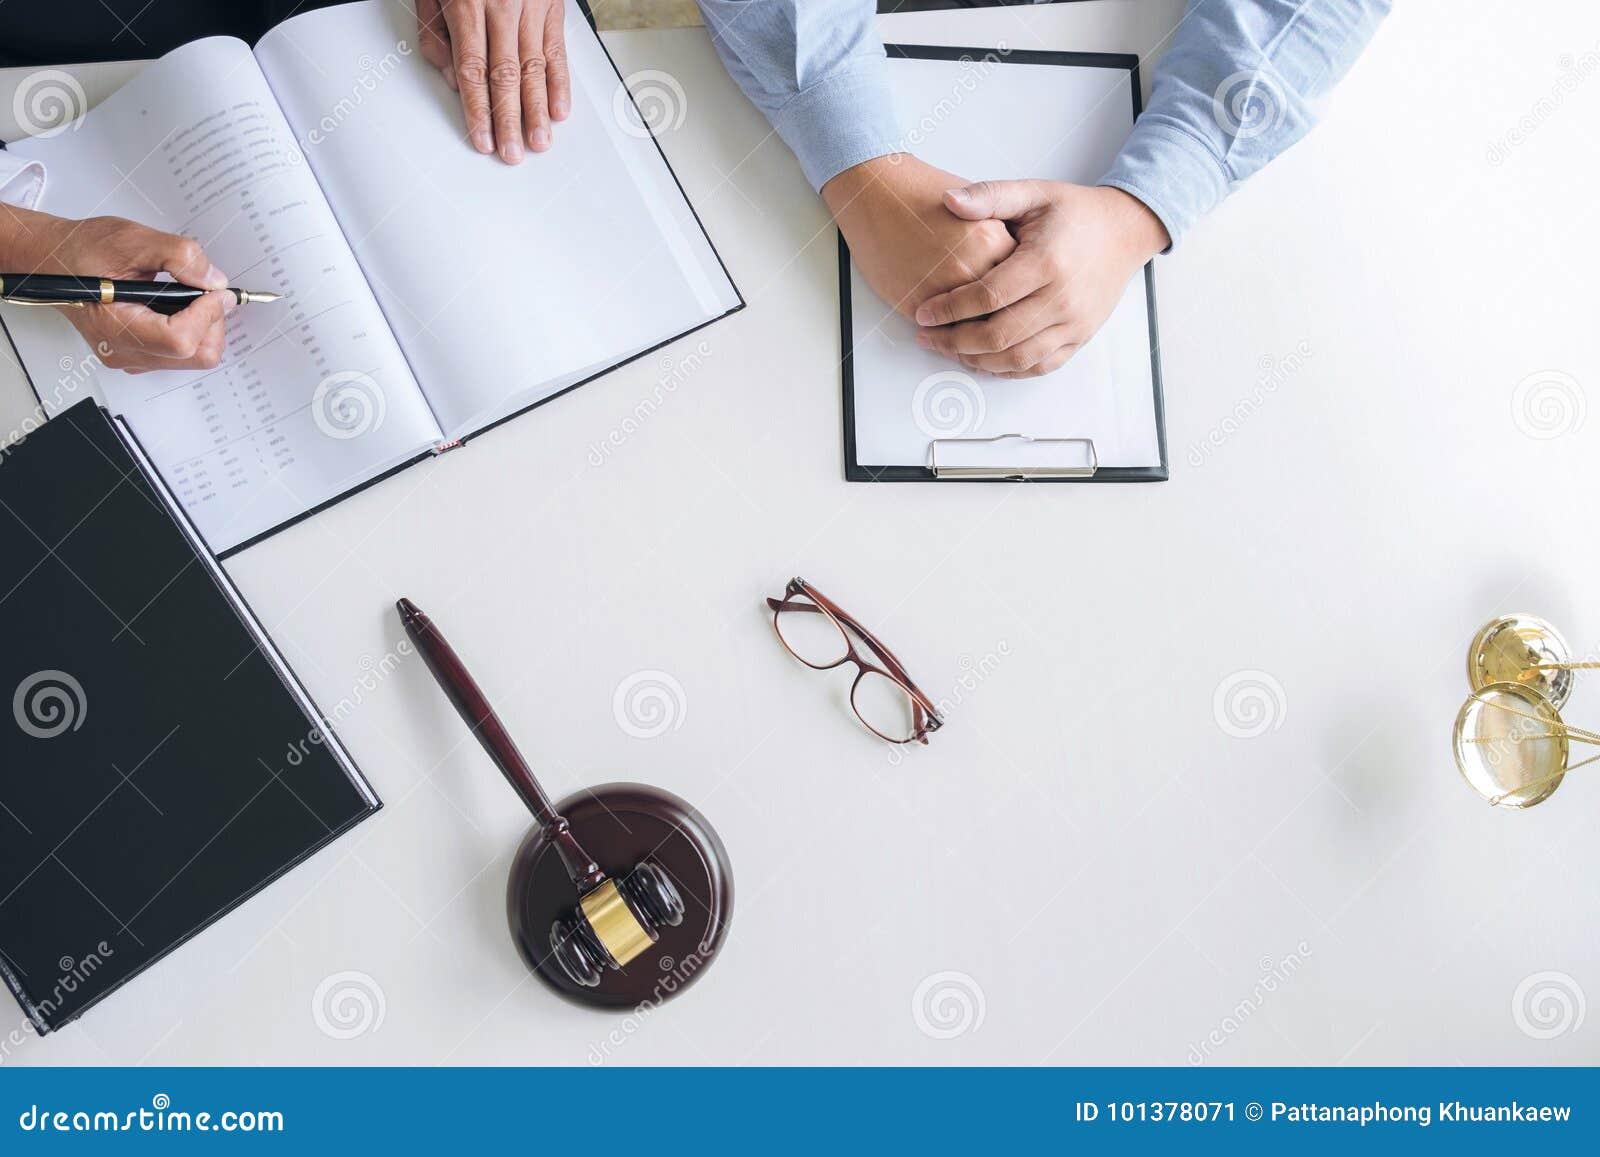 Schließen Sie oben vom Hammer, vom männlichen Rechtsanwalt oder vom Richter Consult mit Kunden